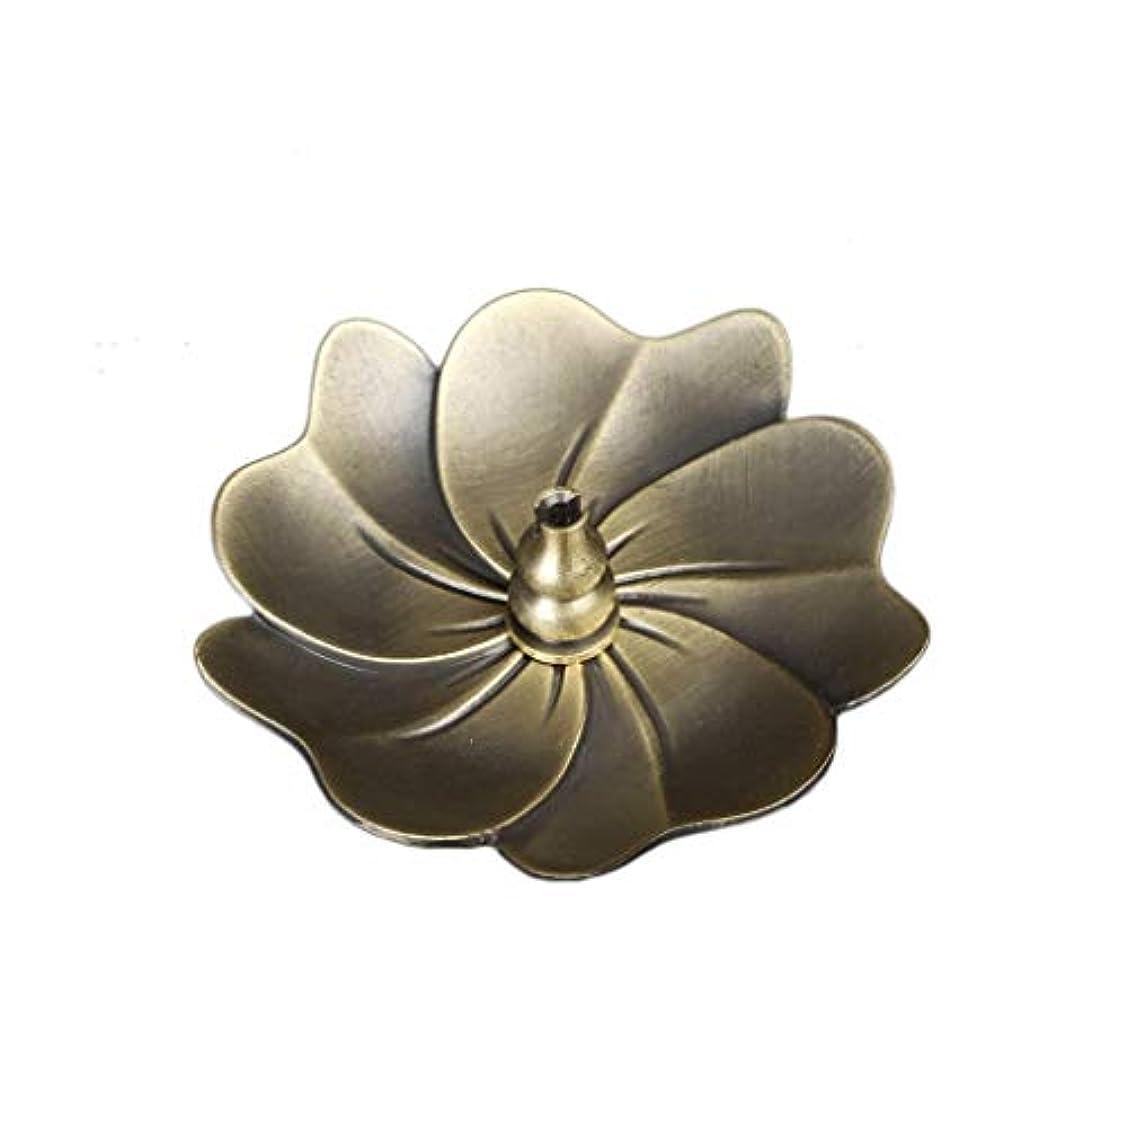 蓮の香バーナーヴィンテージブロンズ香スティックコイルホルダーアッシュキャッチャートレイプレートホーム仏教の装飾誕生日香ホルダー (Color : C)